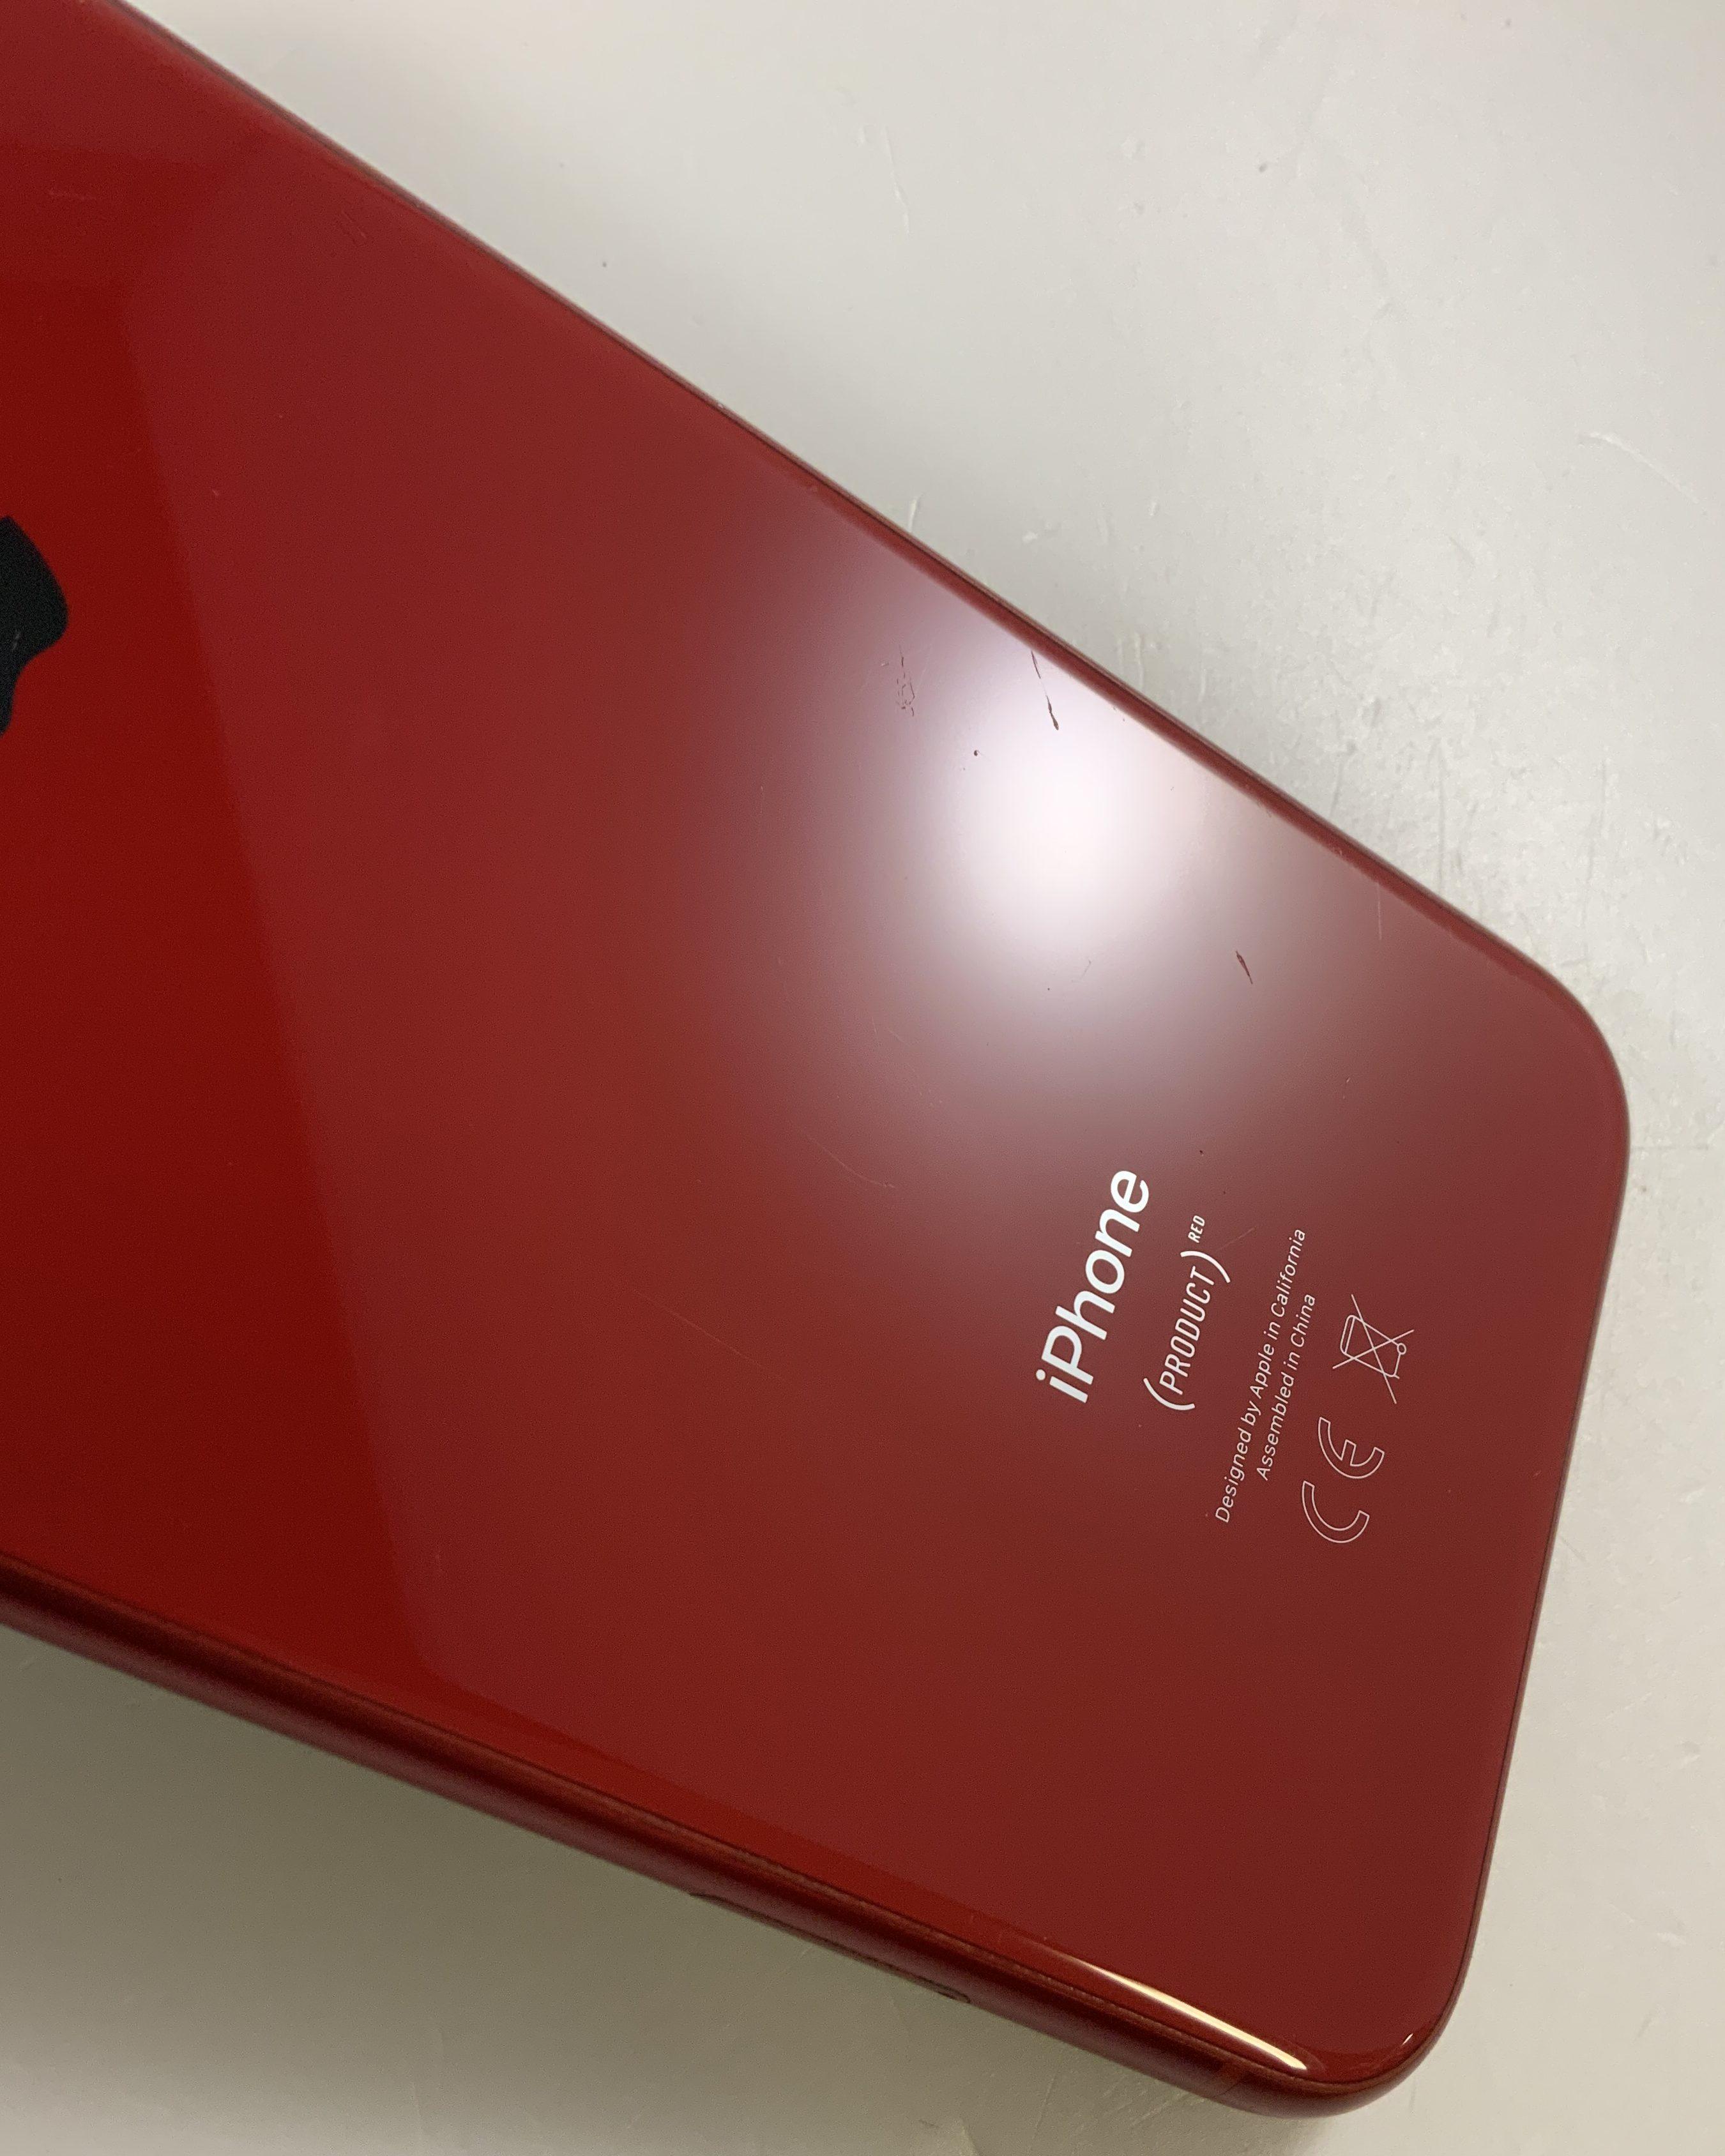 iPhone XR 64GB, 64GB, Red, obraz 2